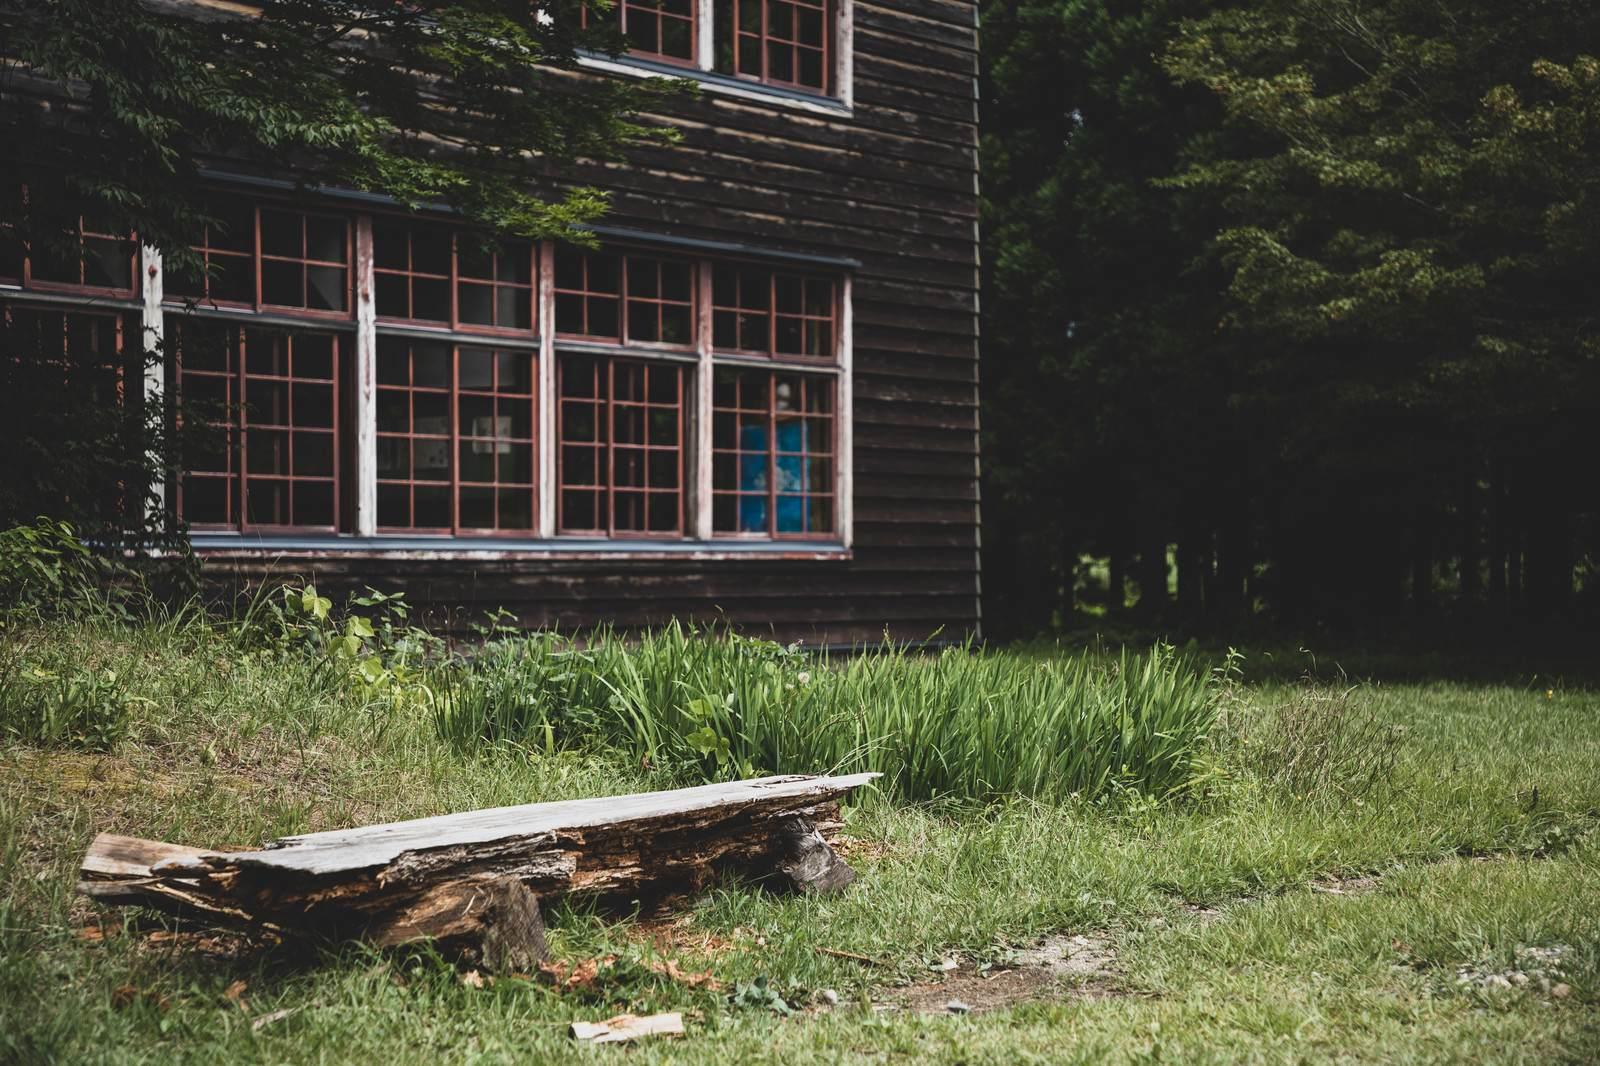 時空にまつわる不思議な体験『旧校舎の庭園』など短編全5話